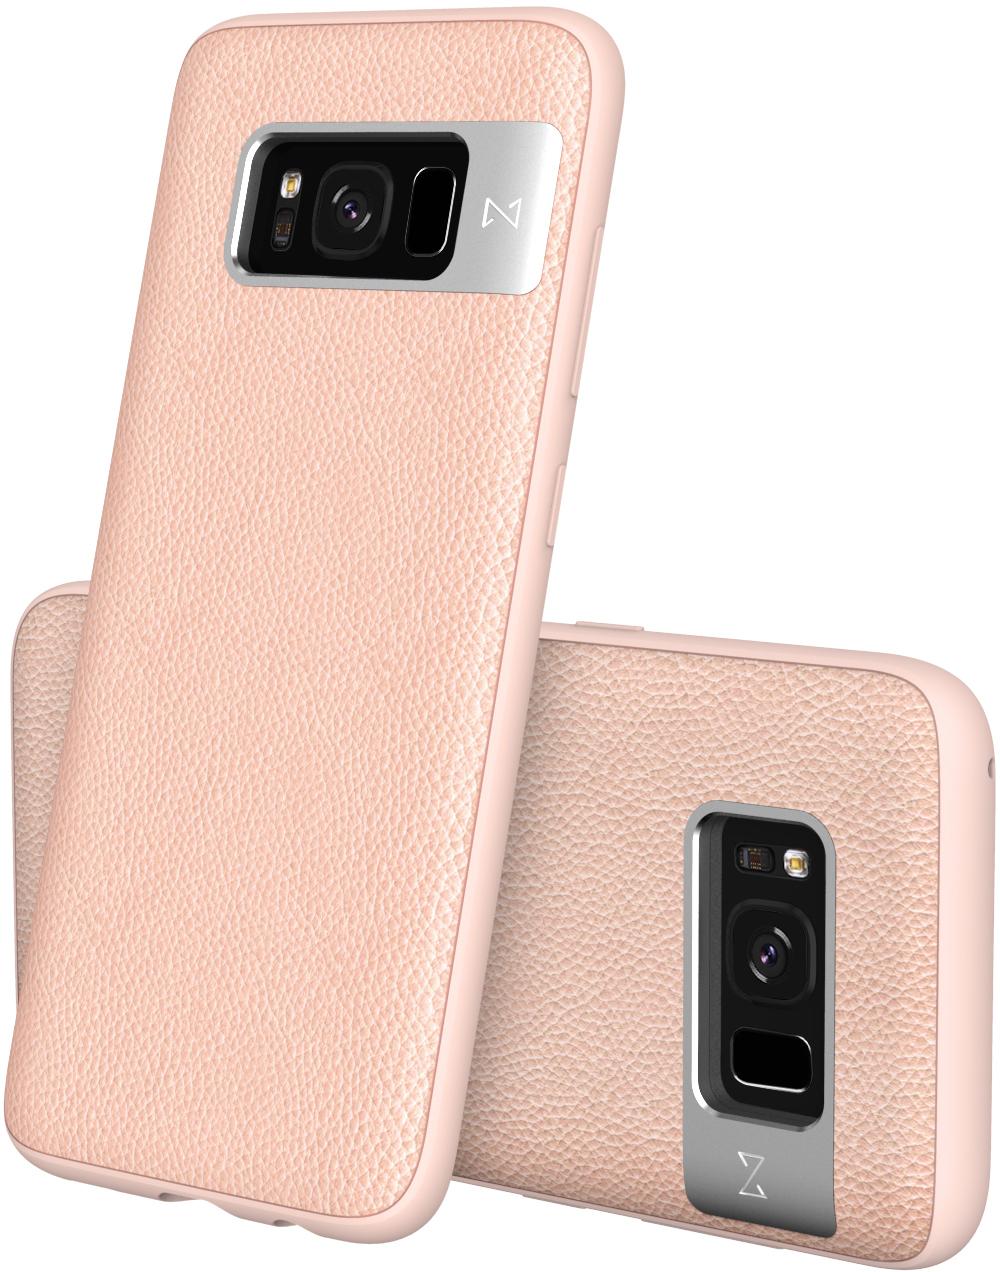 Matchnine Tailor чехол для Samsung Galaxy S8 Plus, Baby PinkENV051Чехол Matchnine Tailor - стильный аксессуар, обеспечивающий надежную защиту Samsung Galaxy S8 Plus от ударов и других воздействий. Его задняя панель изготовлена из жесткого поликарбоната, стилизованного под кожу, а бампер - из эластичного полиуретана. Кроме того, он украшен металлической накладкой, обрамляющей камеру.Мягкая рамка позволяет быстро надевать клип-кейс. Она слегка выступает над экраном, защищая его от контактов с твердыми поверхностями.Несмотря на отличные защитные свойства, чехол практически не увеличивает размеры устройства. С ним мобильный девайс можно носить в кармане или в специальном отделении сумки. Вырезы в клип-кейсе предоставляют доступ к важнейшим деталям смартфона, включая камеры, кнопки и разъемы.